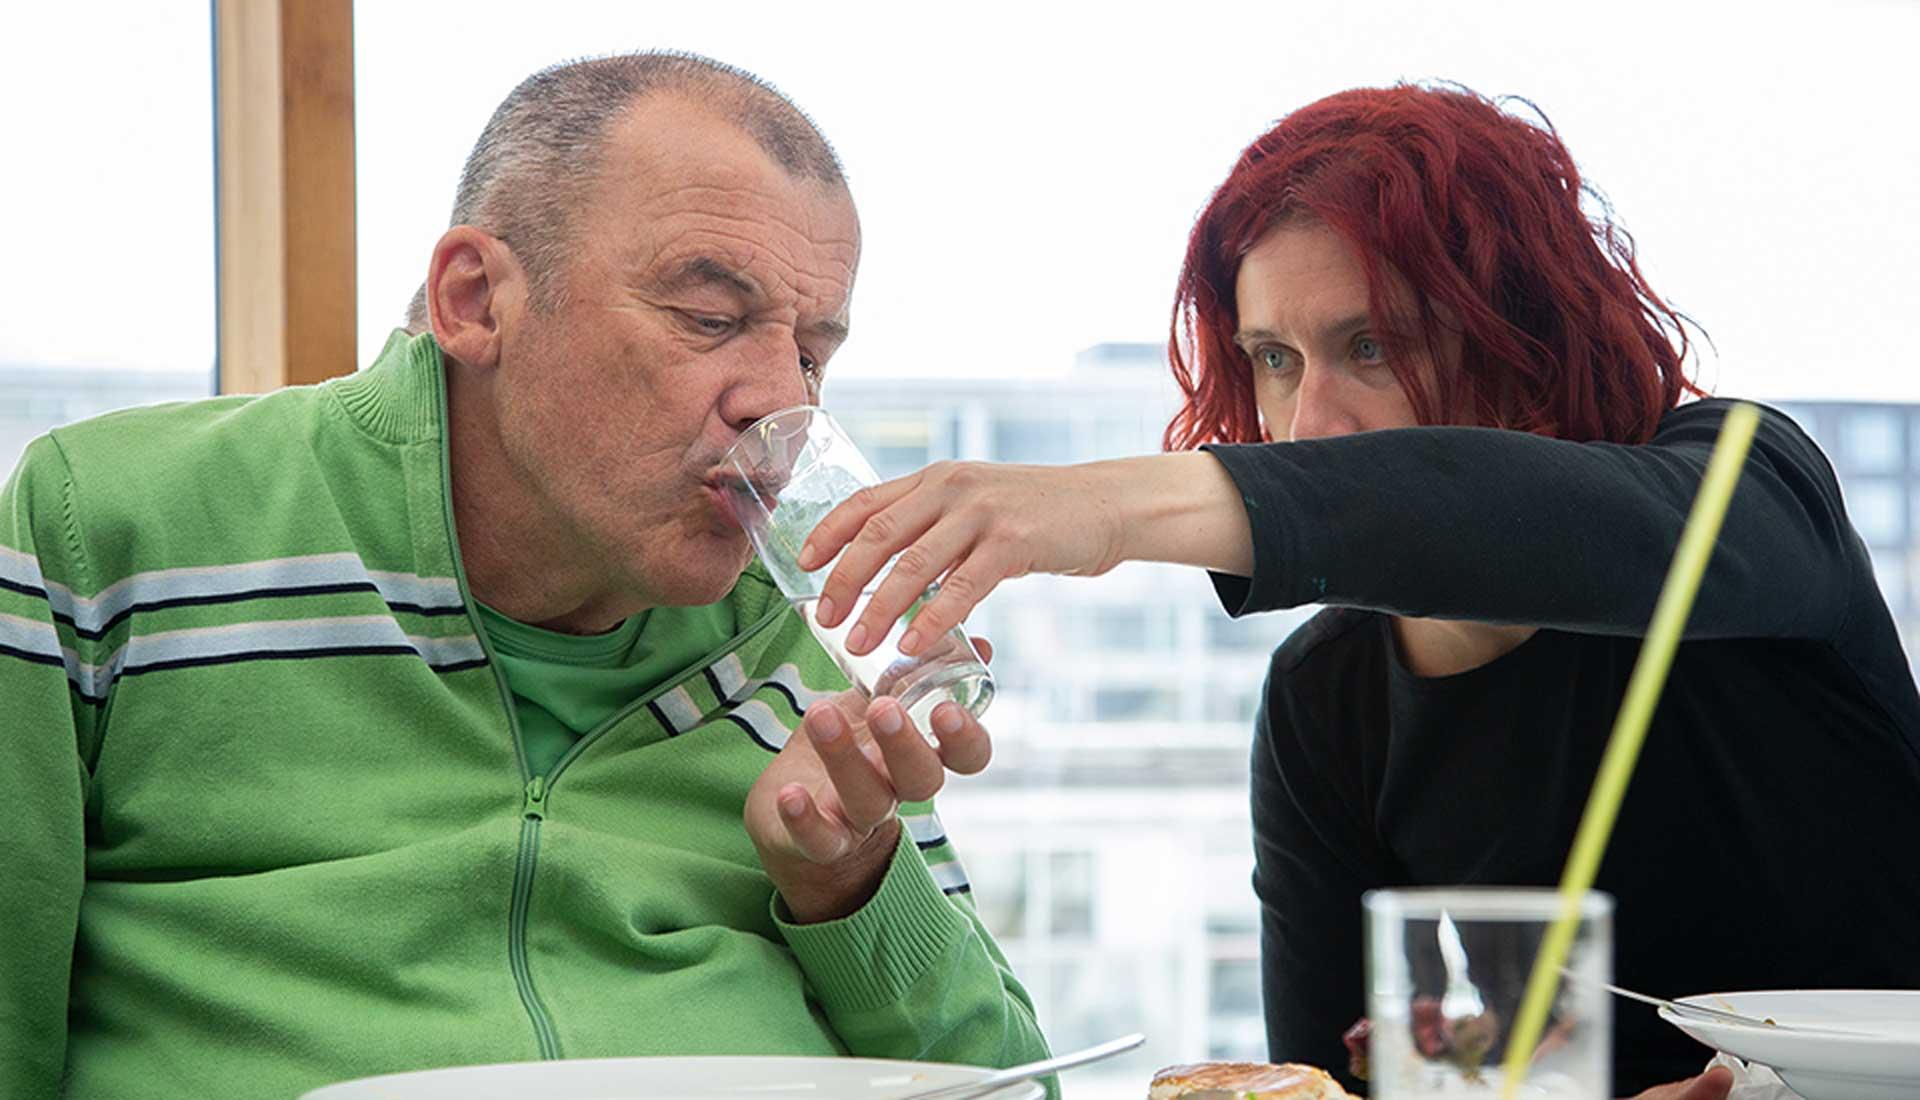 Assistenznehmer wird von einer Assistentin beim Trinken unterstützt